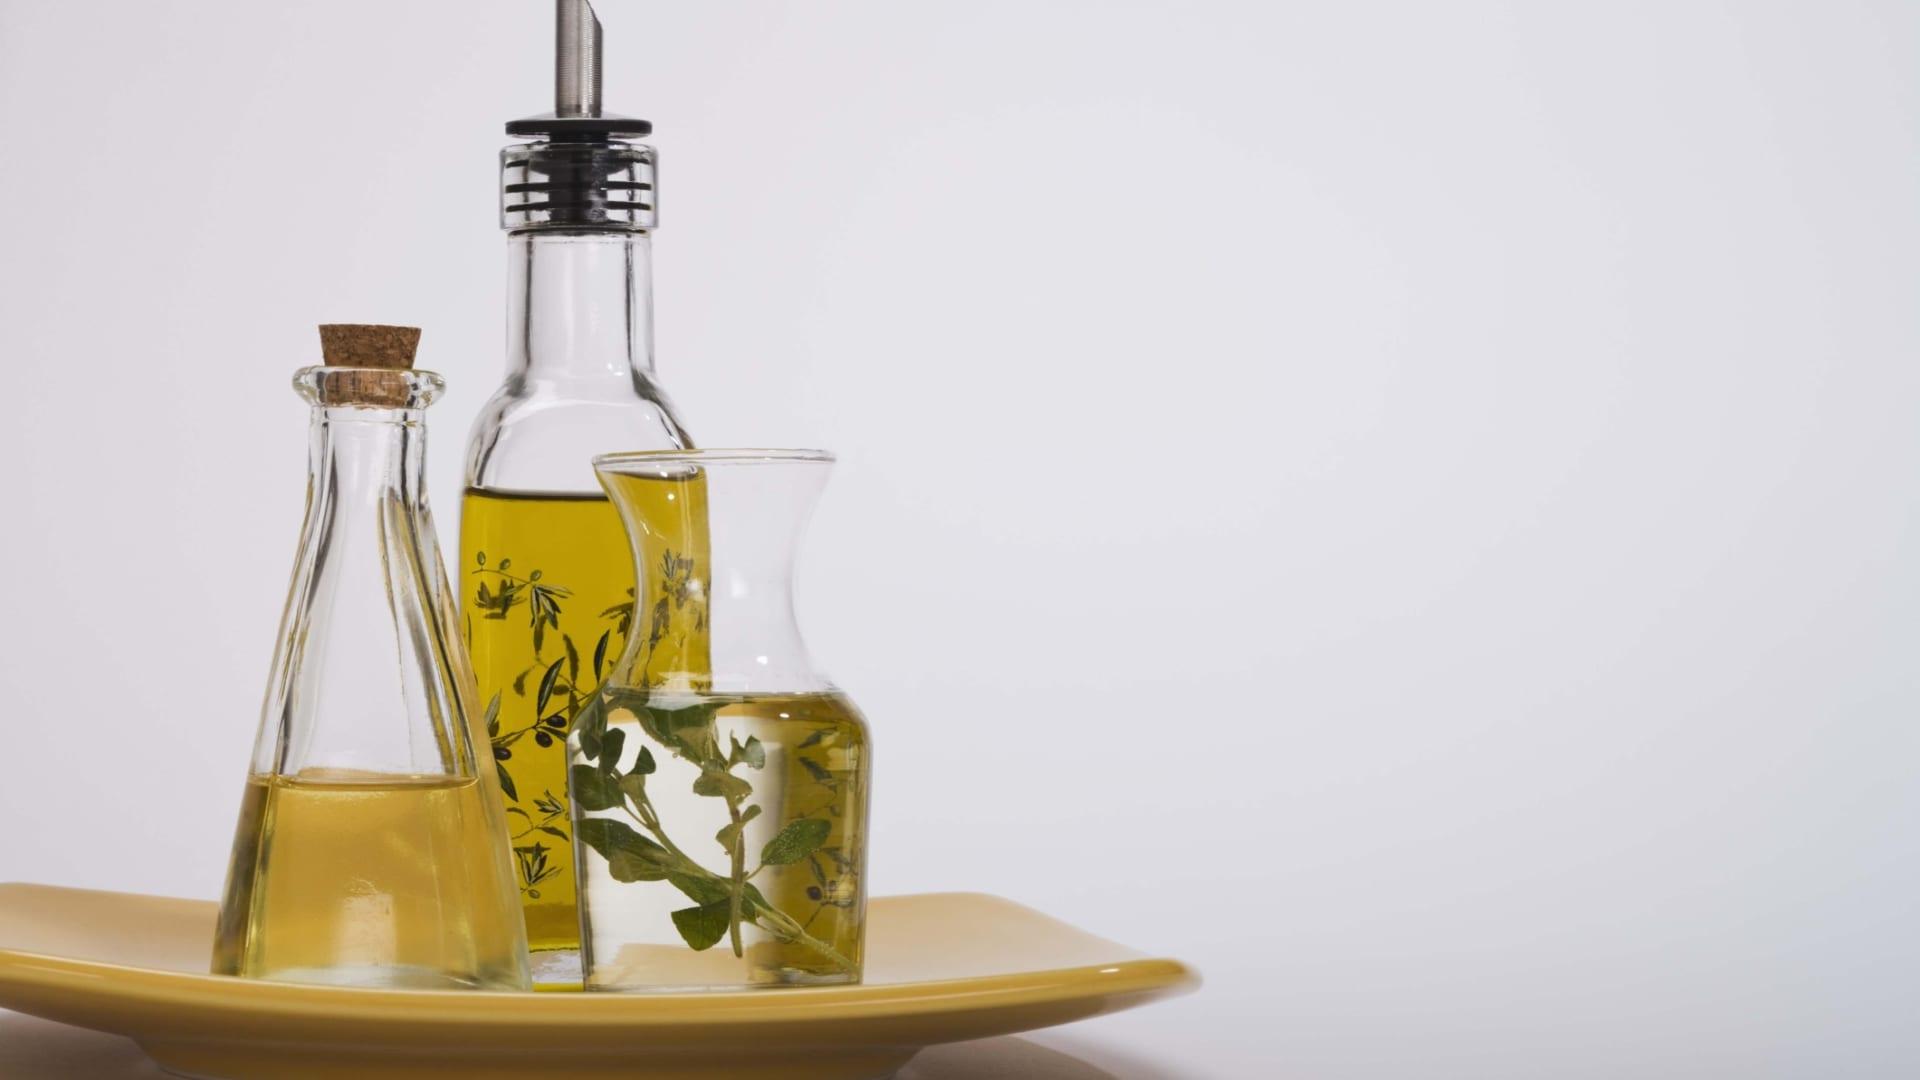 بينها الكركم وزيت الزيتون..10 أطعمة لتعزيز قوة العقل